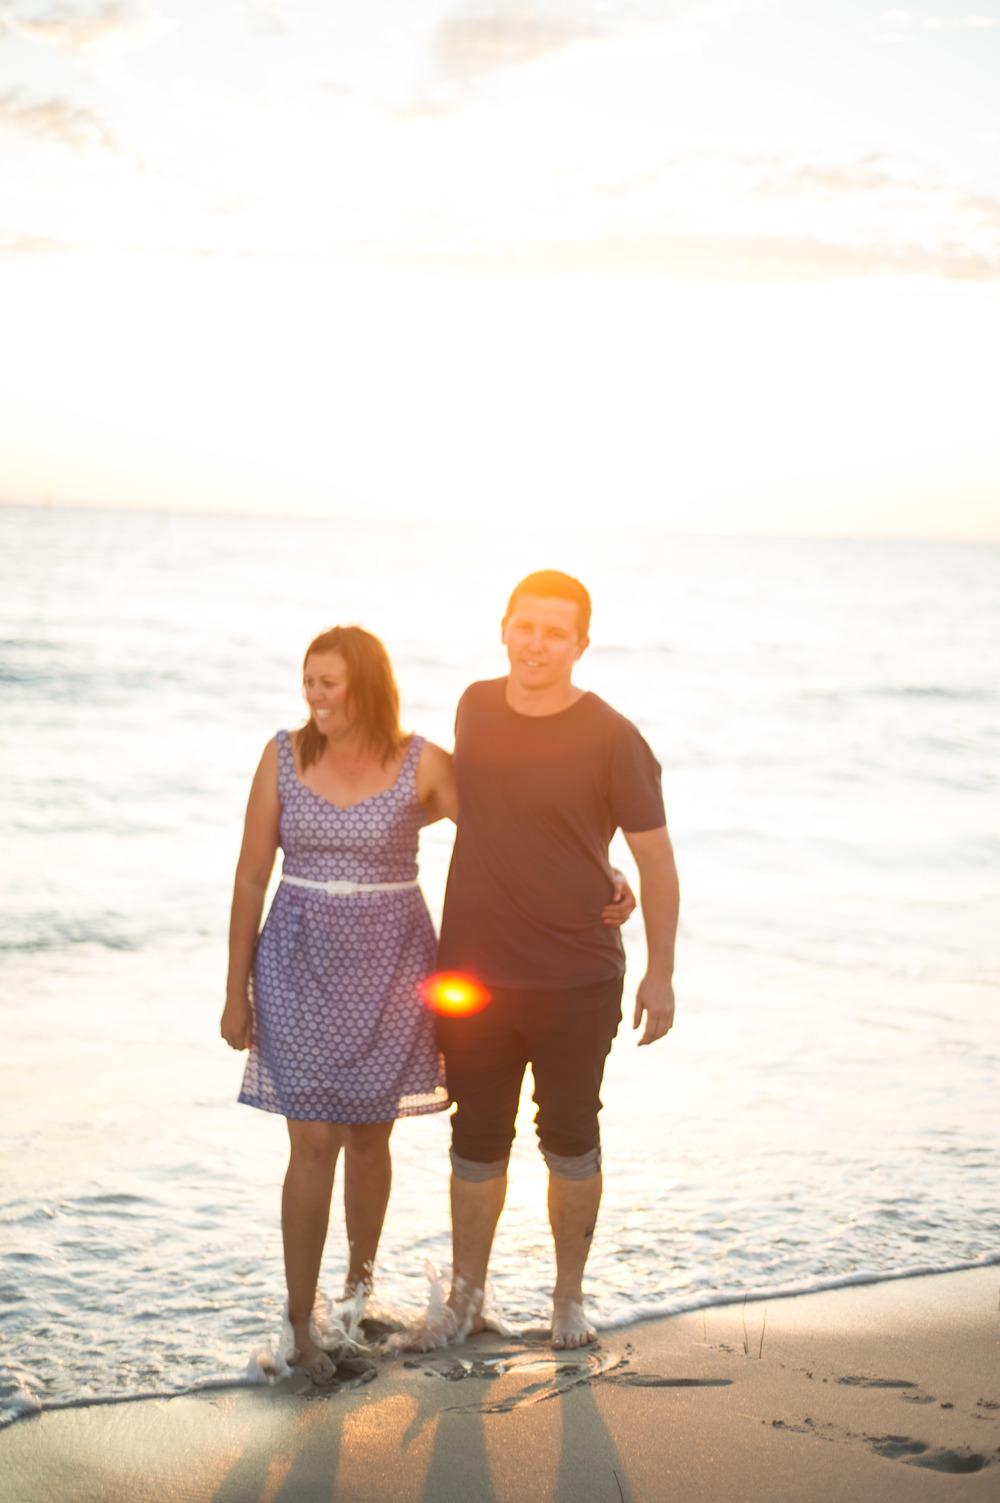 Liam & lisa-36.jpg